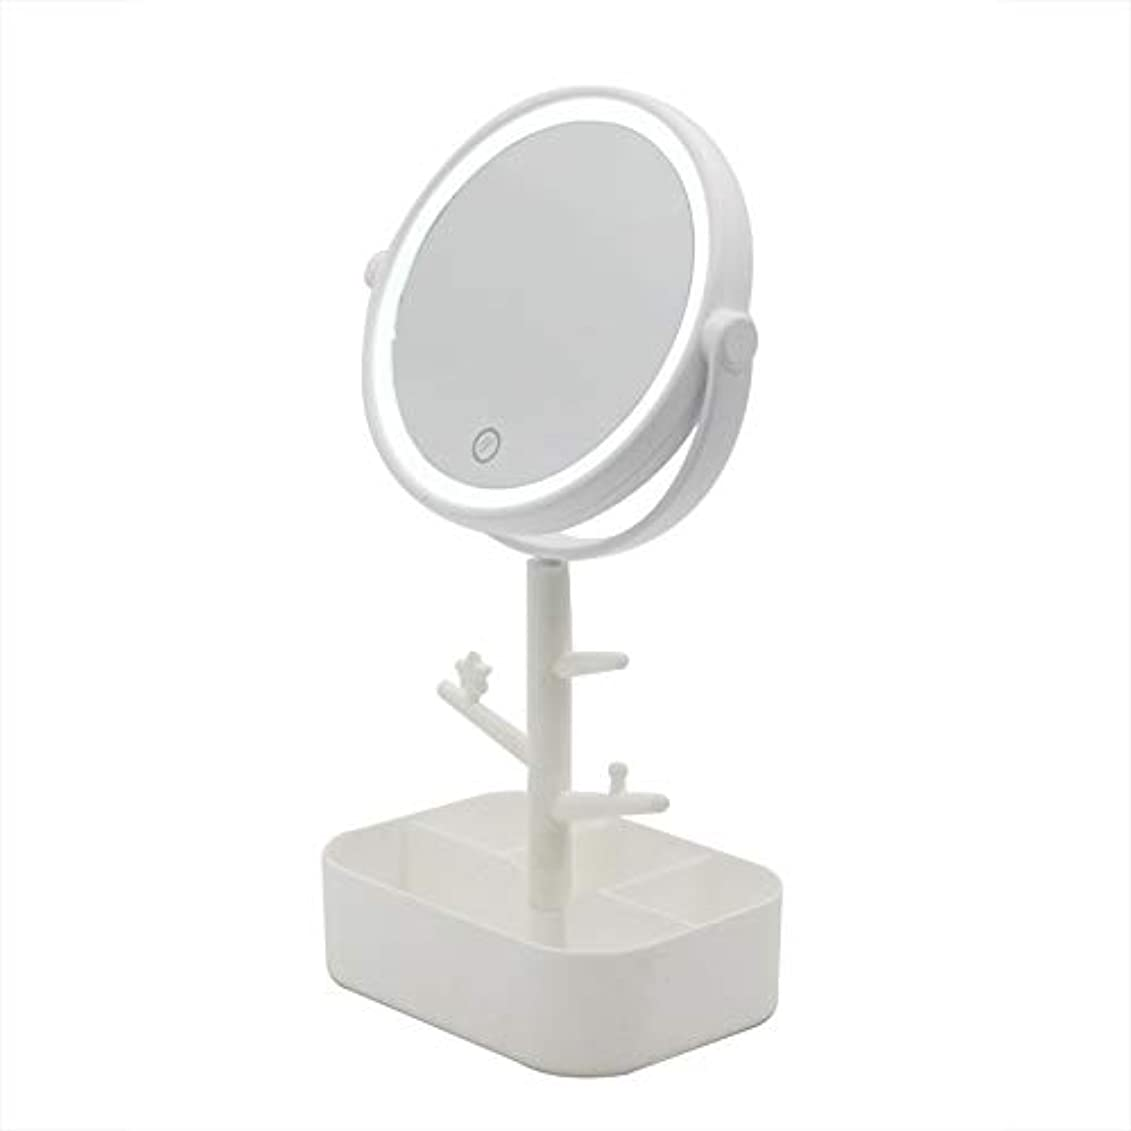 溶ける憂鬱なレイプLecone LED化粧鏡 女優ミラー 卓上ミラー 360度調整可能 スタンドミラー LEDライト メイク 化粧道具 円型 収納ケース 可収納 USB給電 (ホワイト)